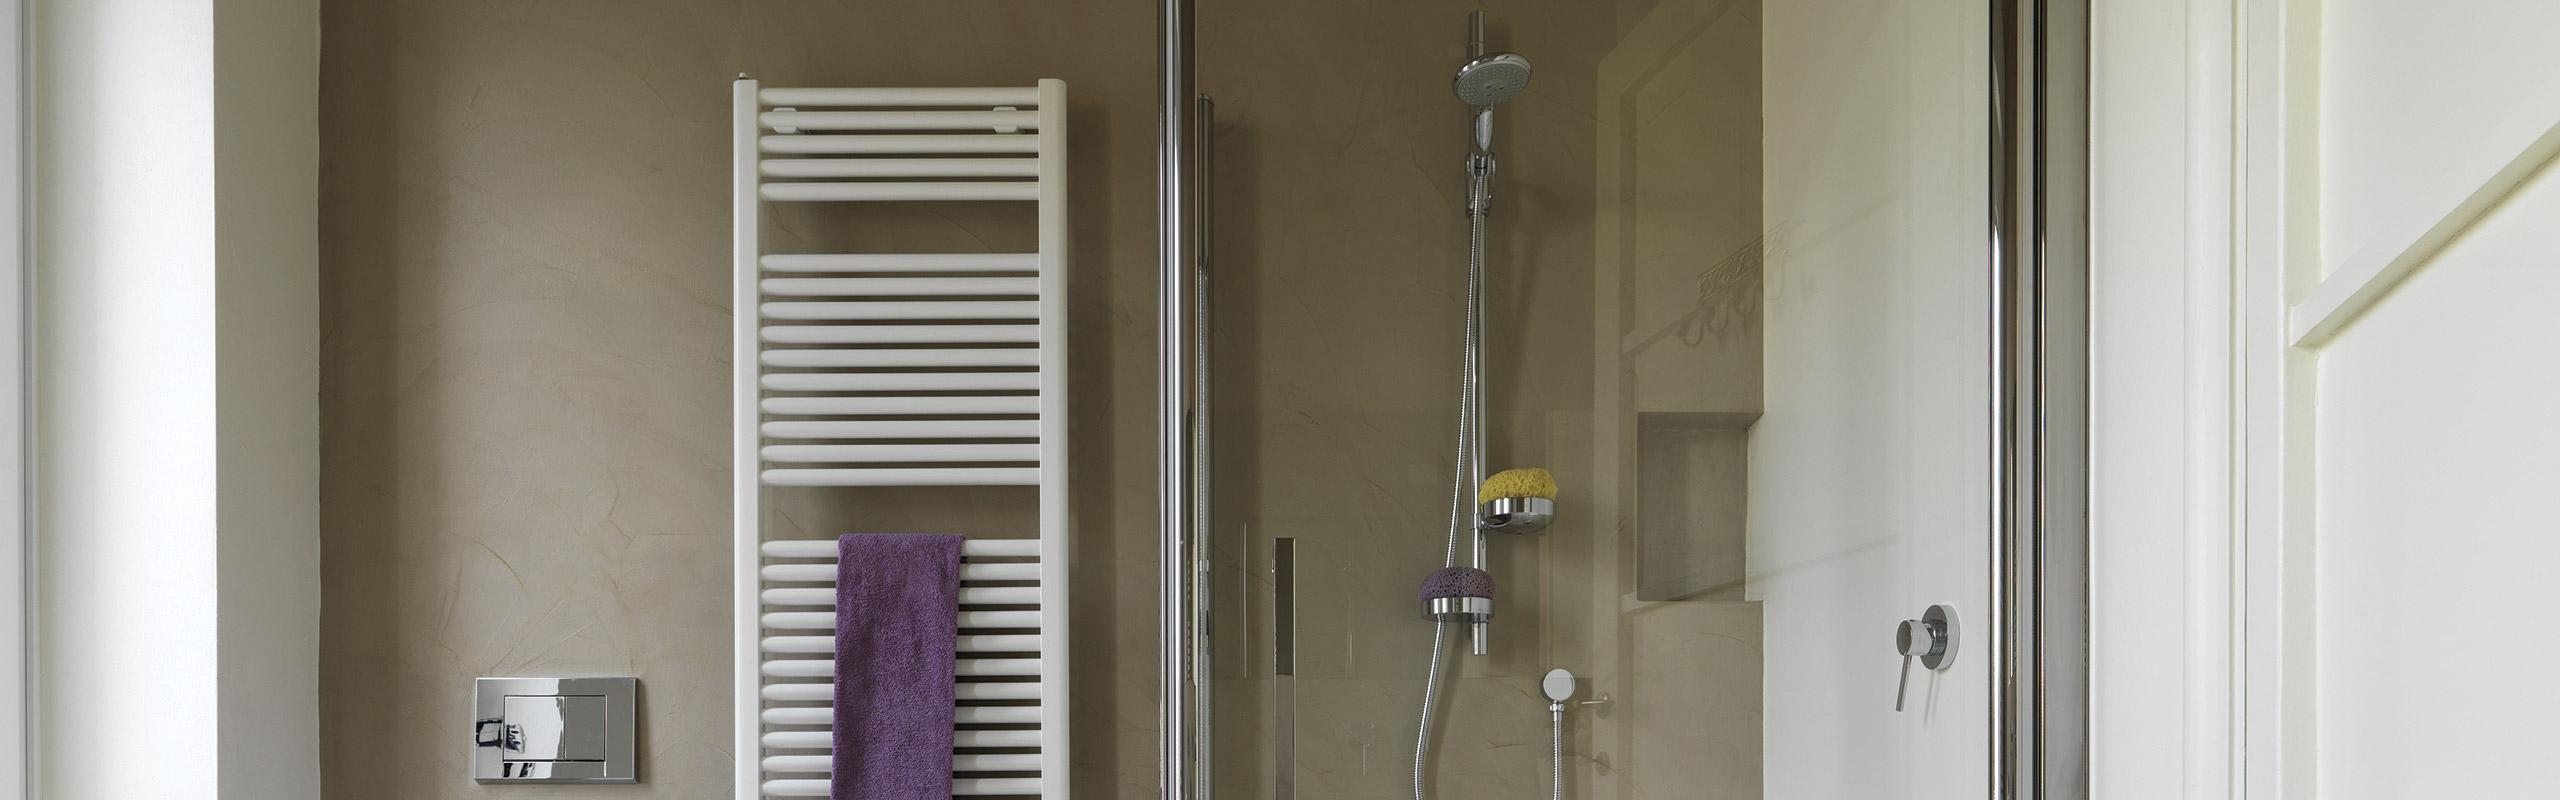 douche kopen en plaatsen door de installateur uit rotterdam